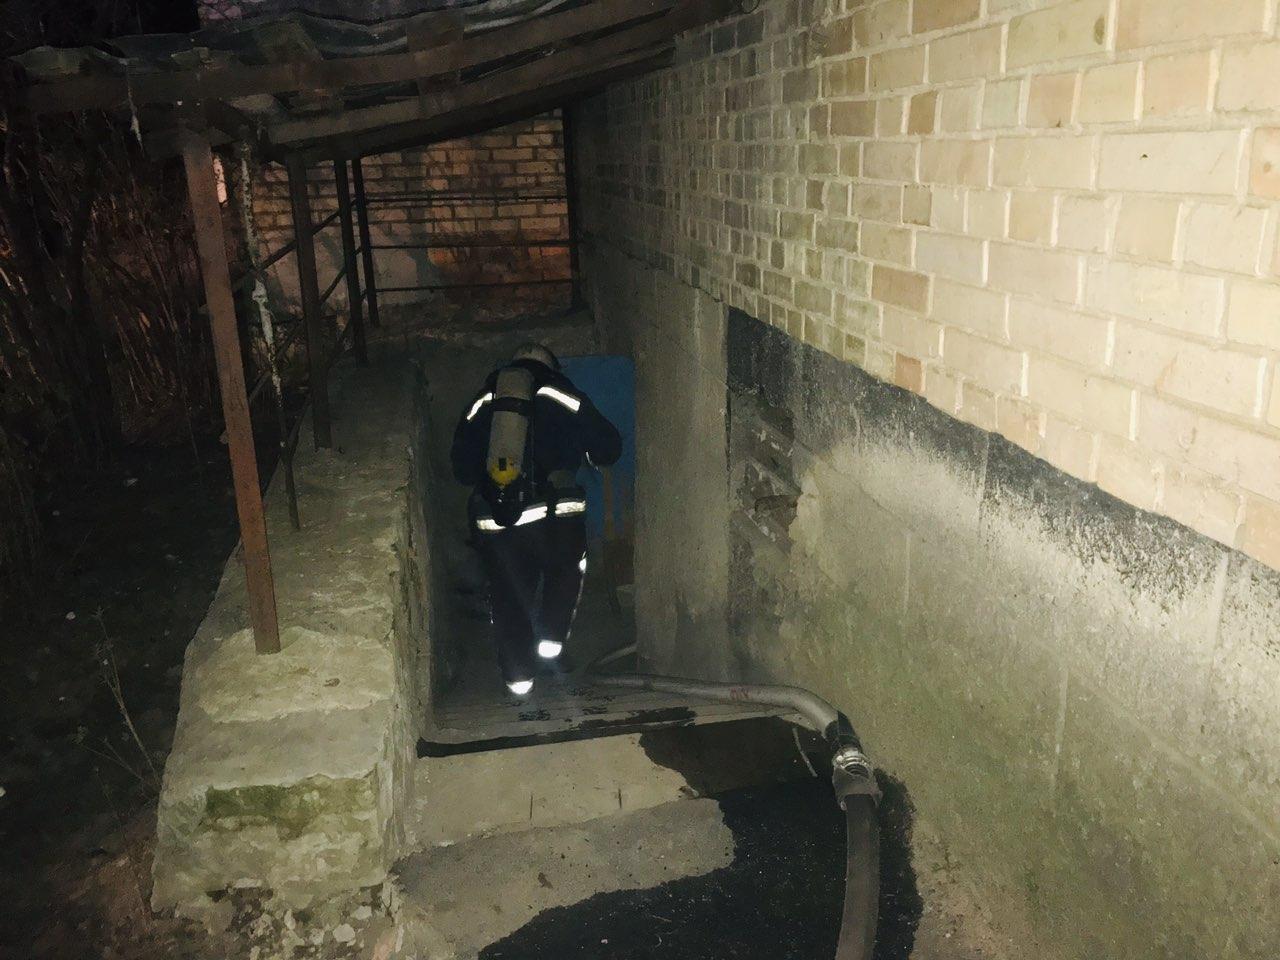 У Василькові під час пожежі врятовано чоловіка - рятувальники, пожежа, загорання, житловий будинок, вогнеборці, Васильківський район, Васильків - 0 02 02 d8e4db3d779e60820ddd35bf61220156f49a3ed140bffb3d300e899e51a206ac fafec1a4